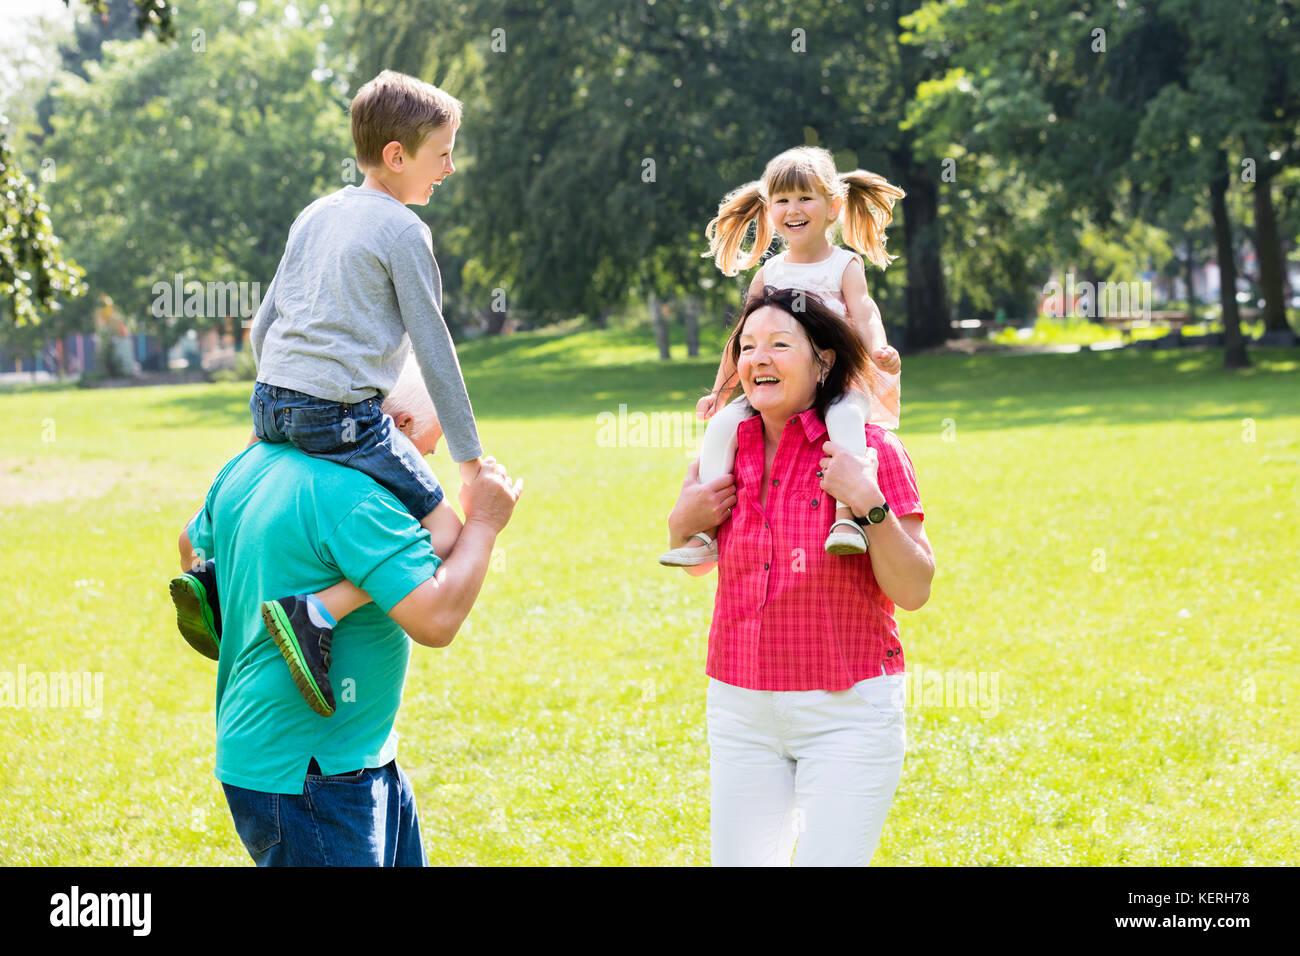 Vieux heureux grands-parents de donner à leurs petits-enfants piggyback ride in park Banque D'Images